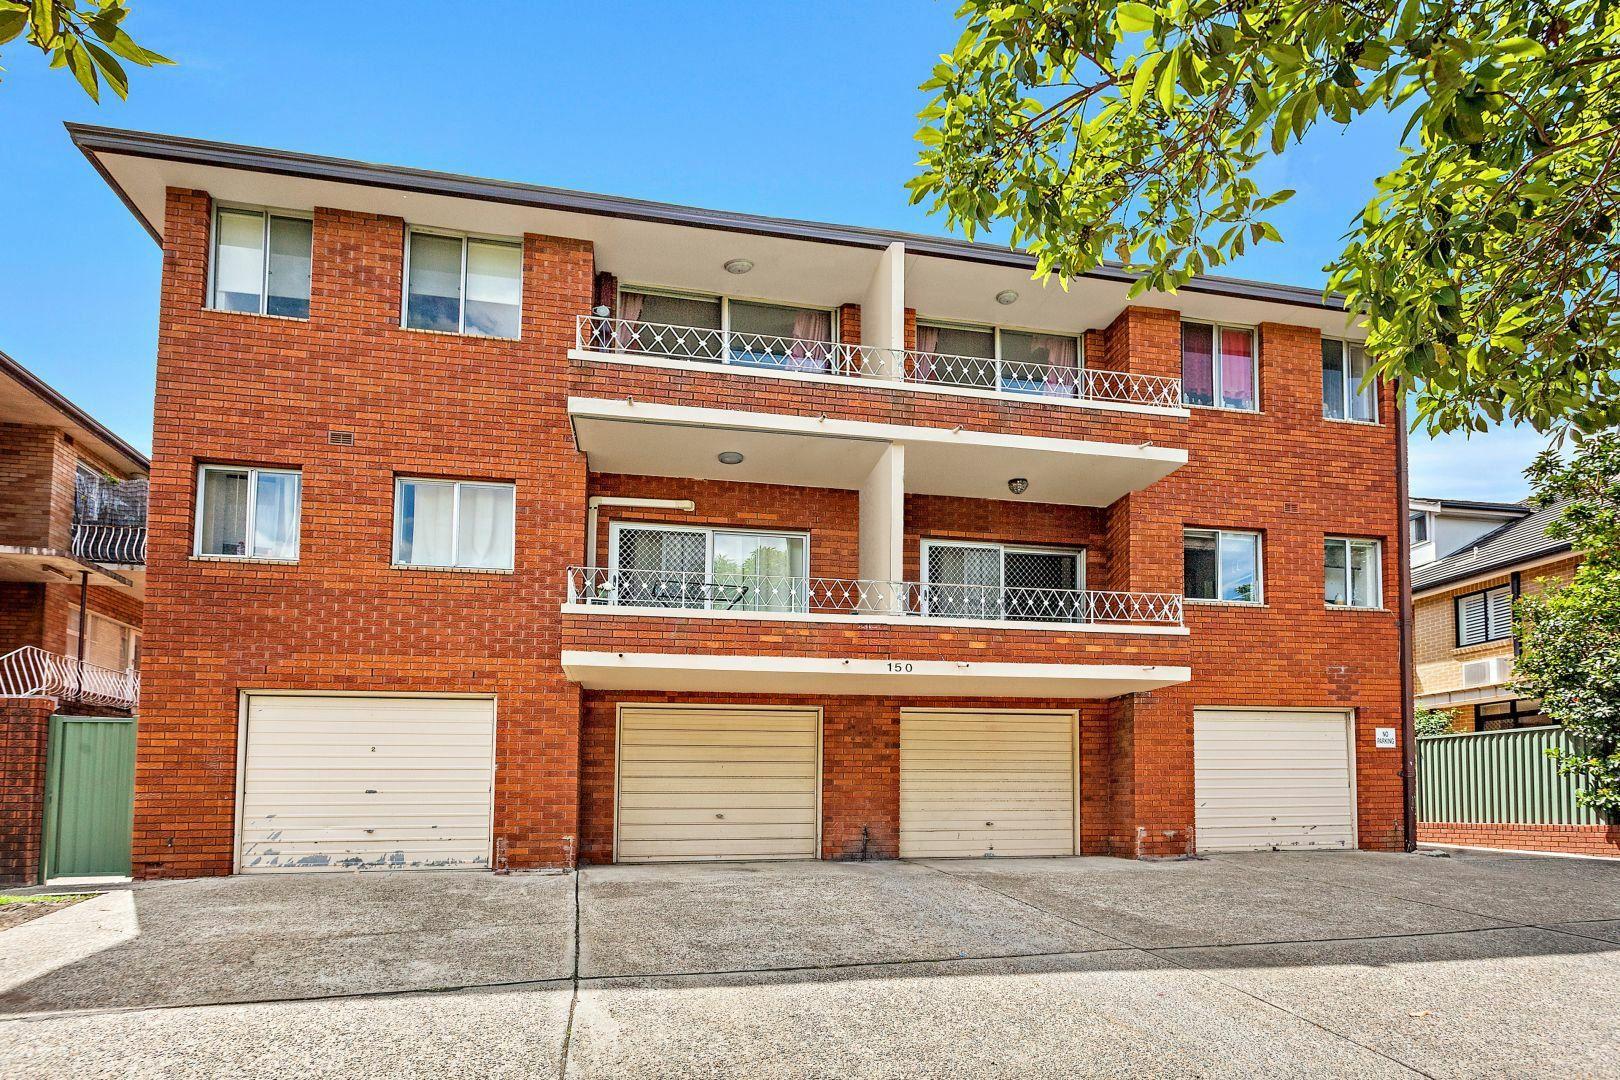 2/150 Queen Victoria Street, Bexley NSW 2207, Image 0